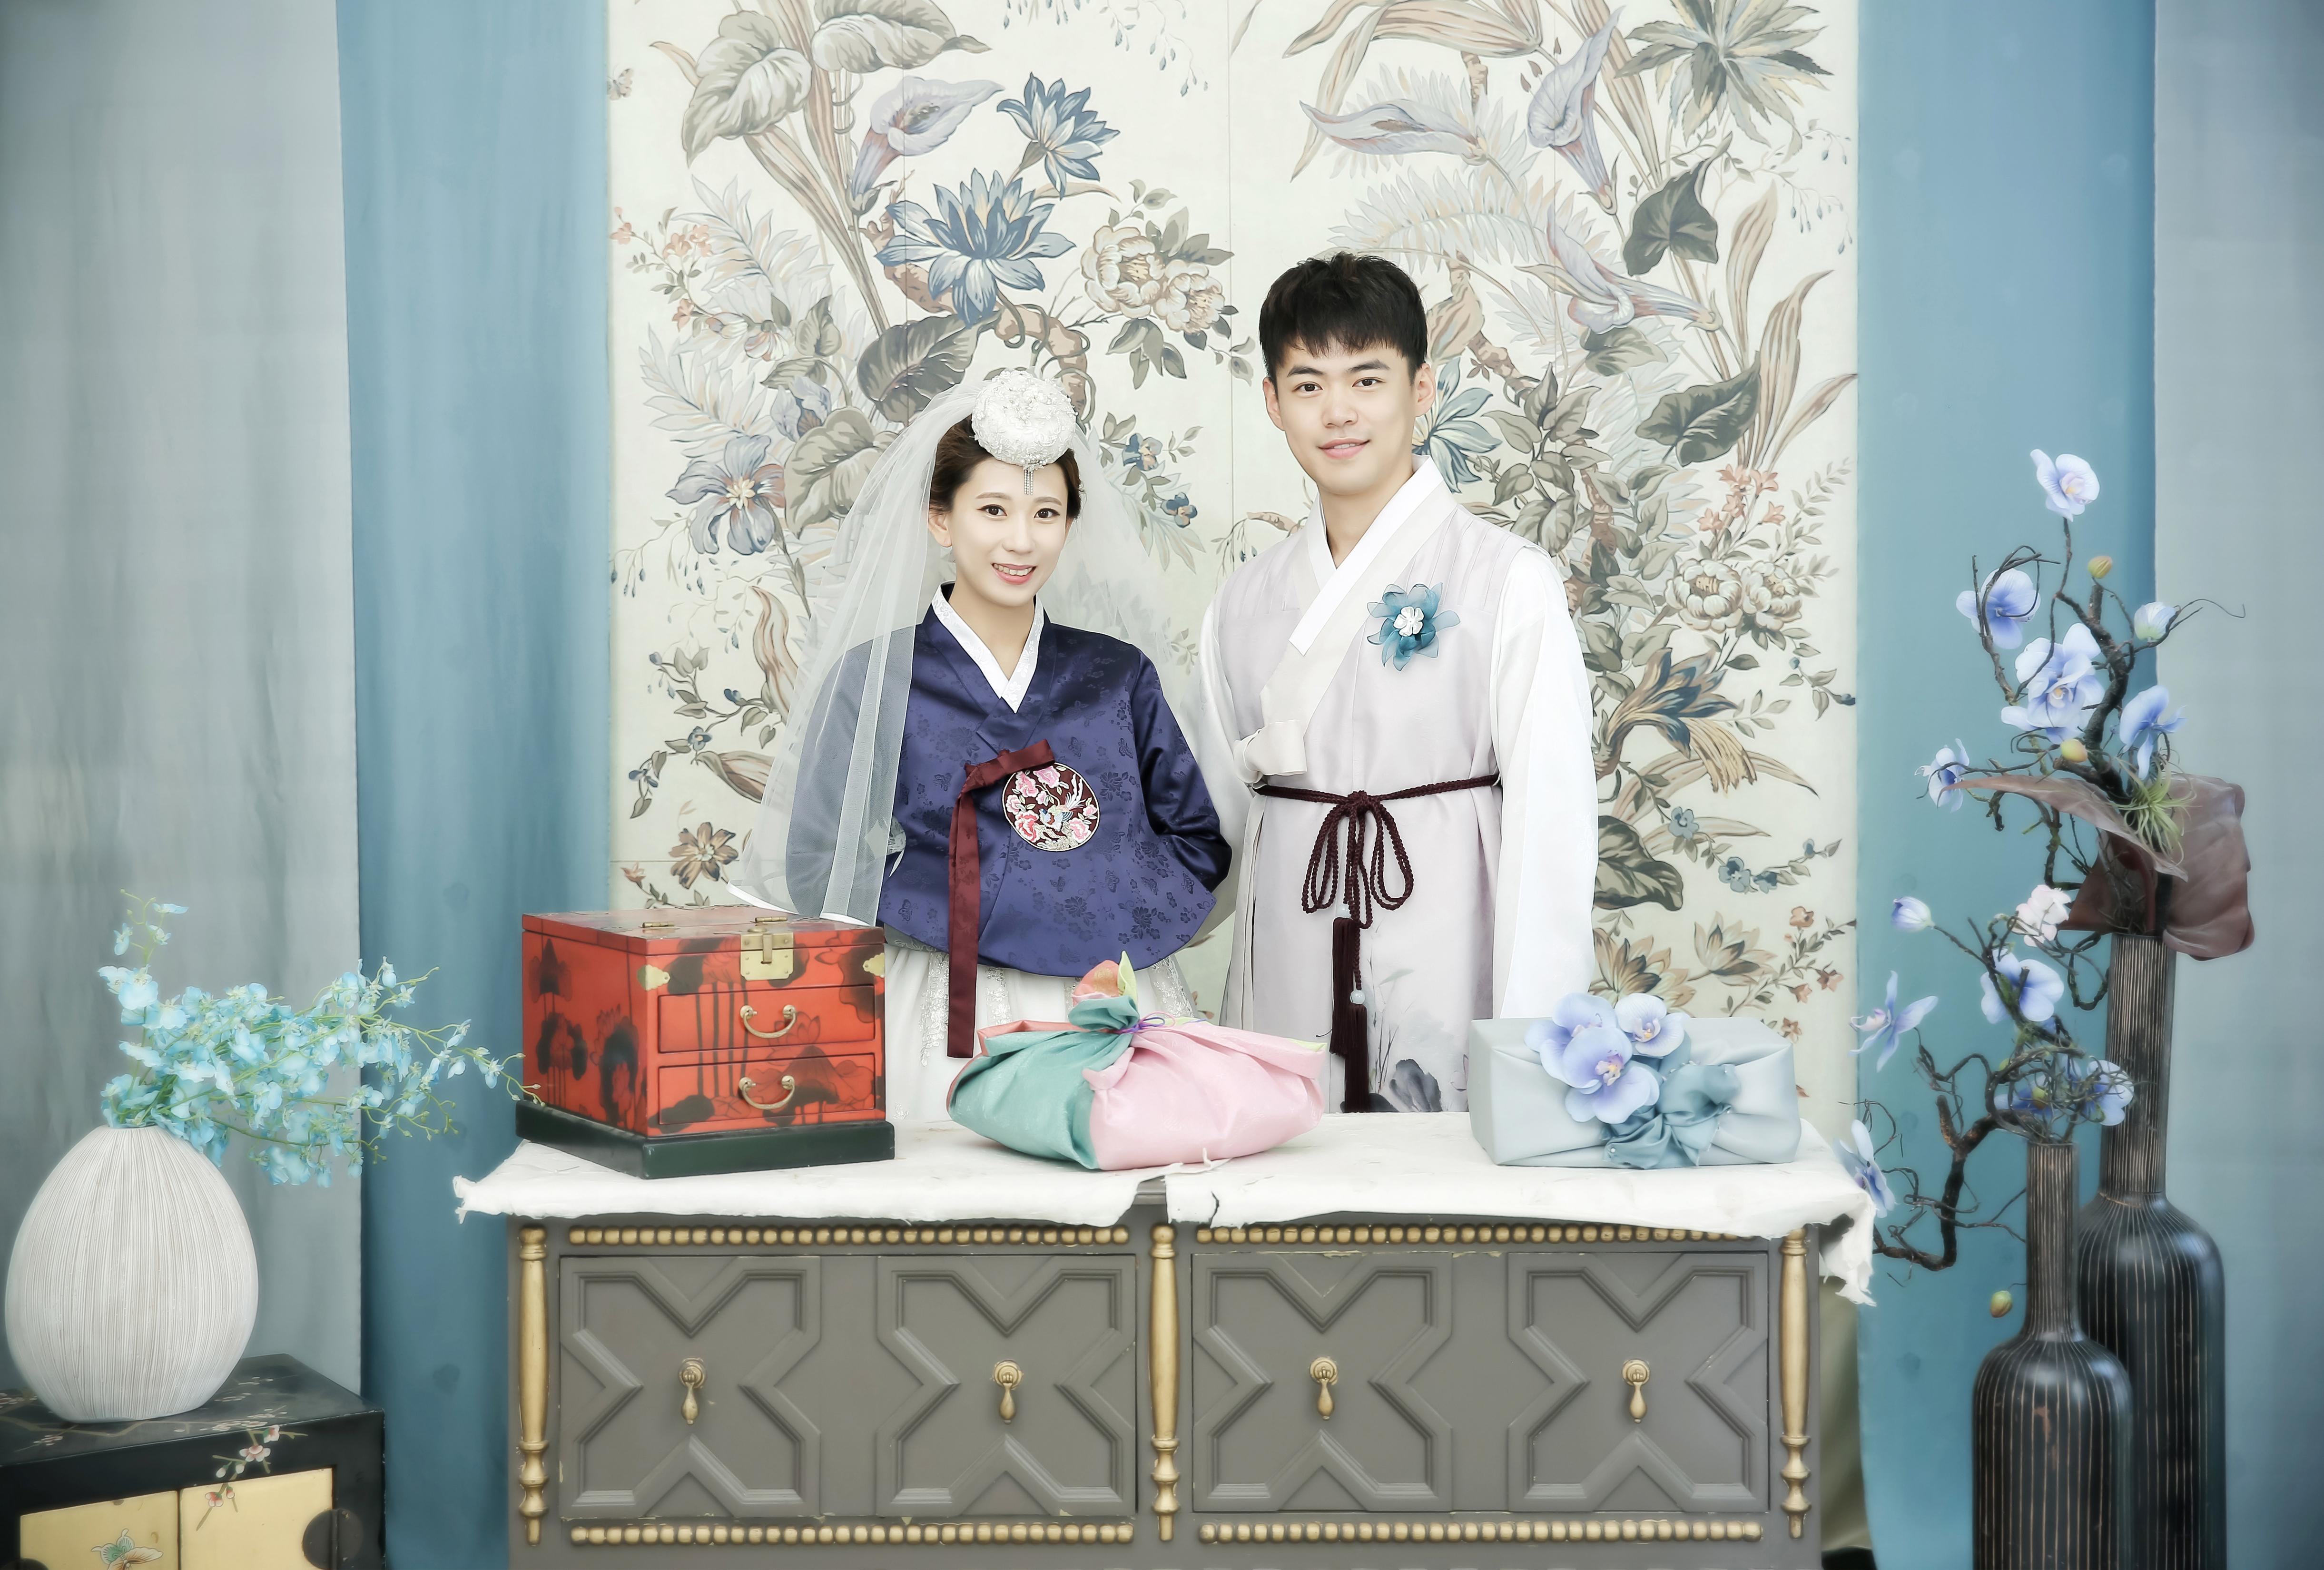 korea pre wedding photo package reviewsum korea studiosum